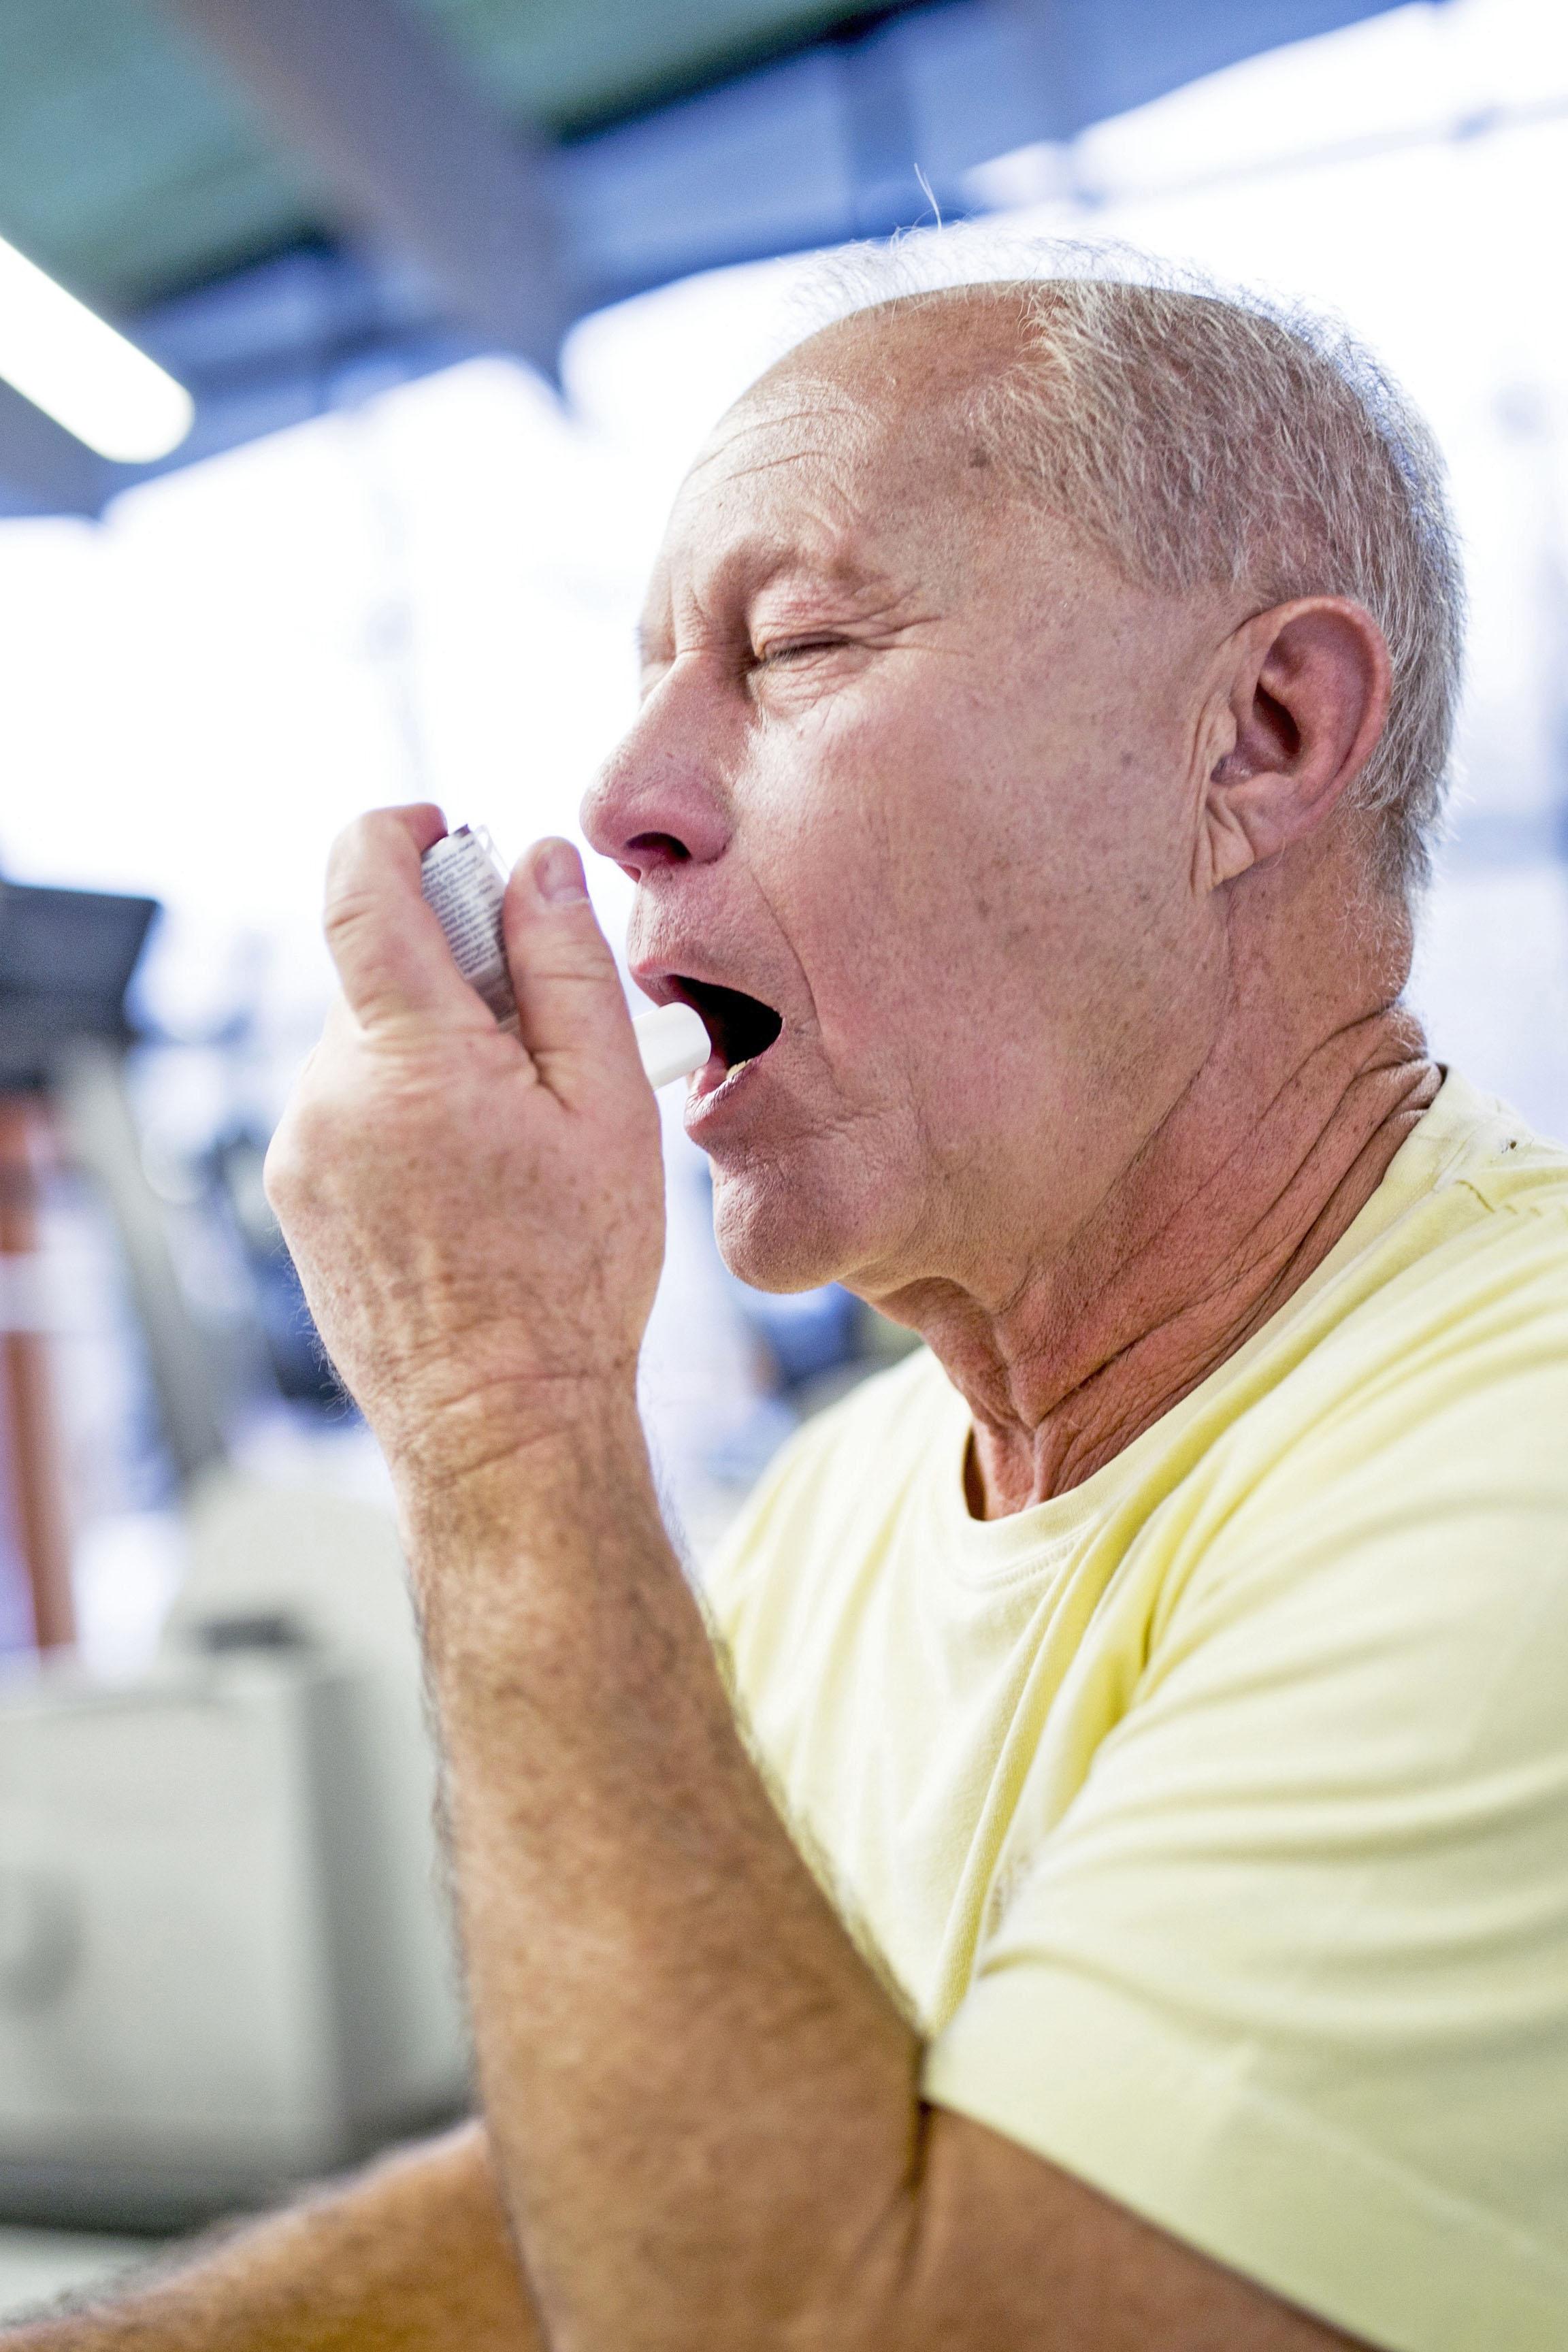 Gerade bei Grunderkrankungen wie chronischen Atemwegsproblemen, Diabetes oder Herz-Kreislaufleiden ist eine Grippeimpfung für Senioren wichtig.